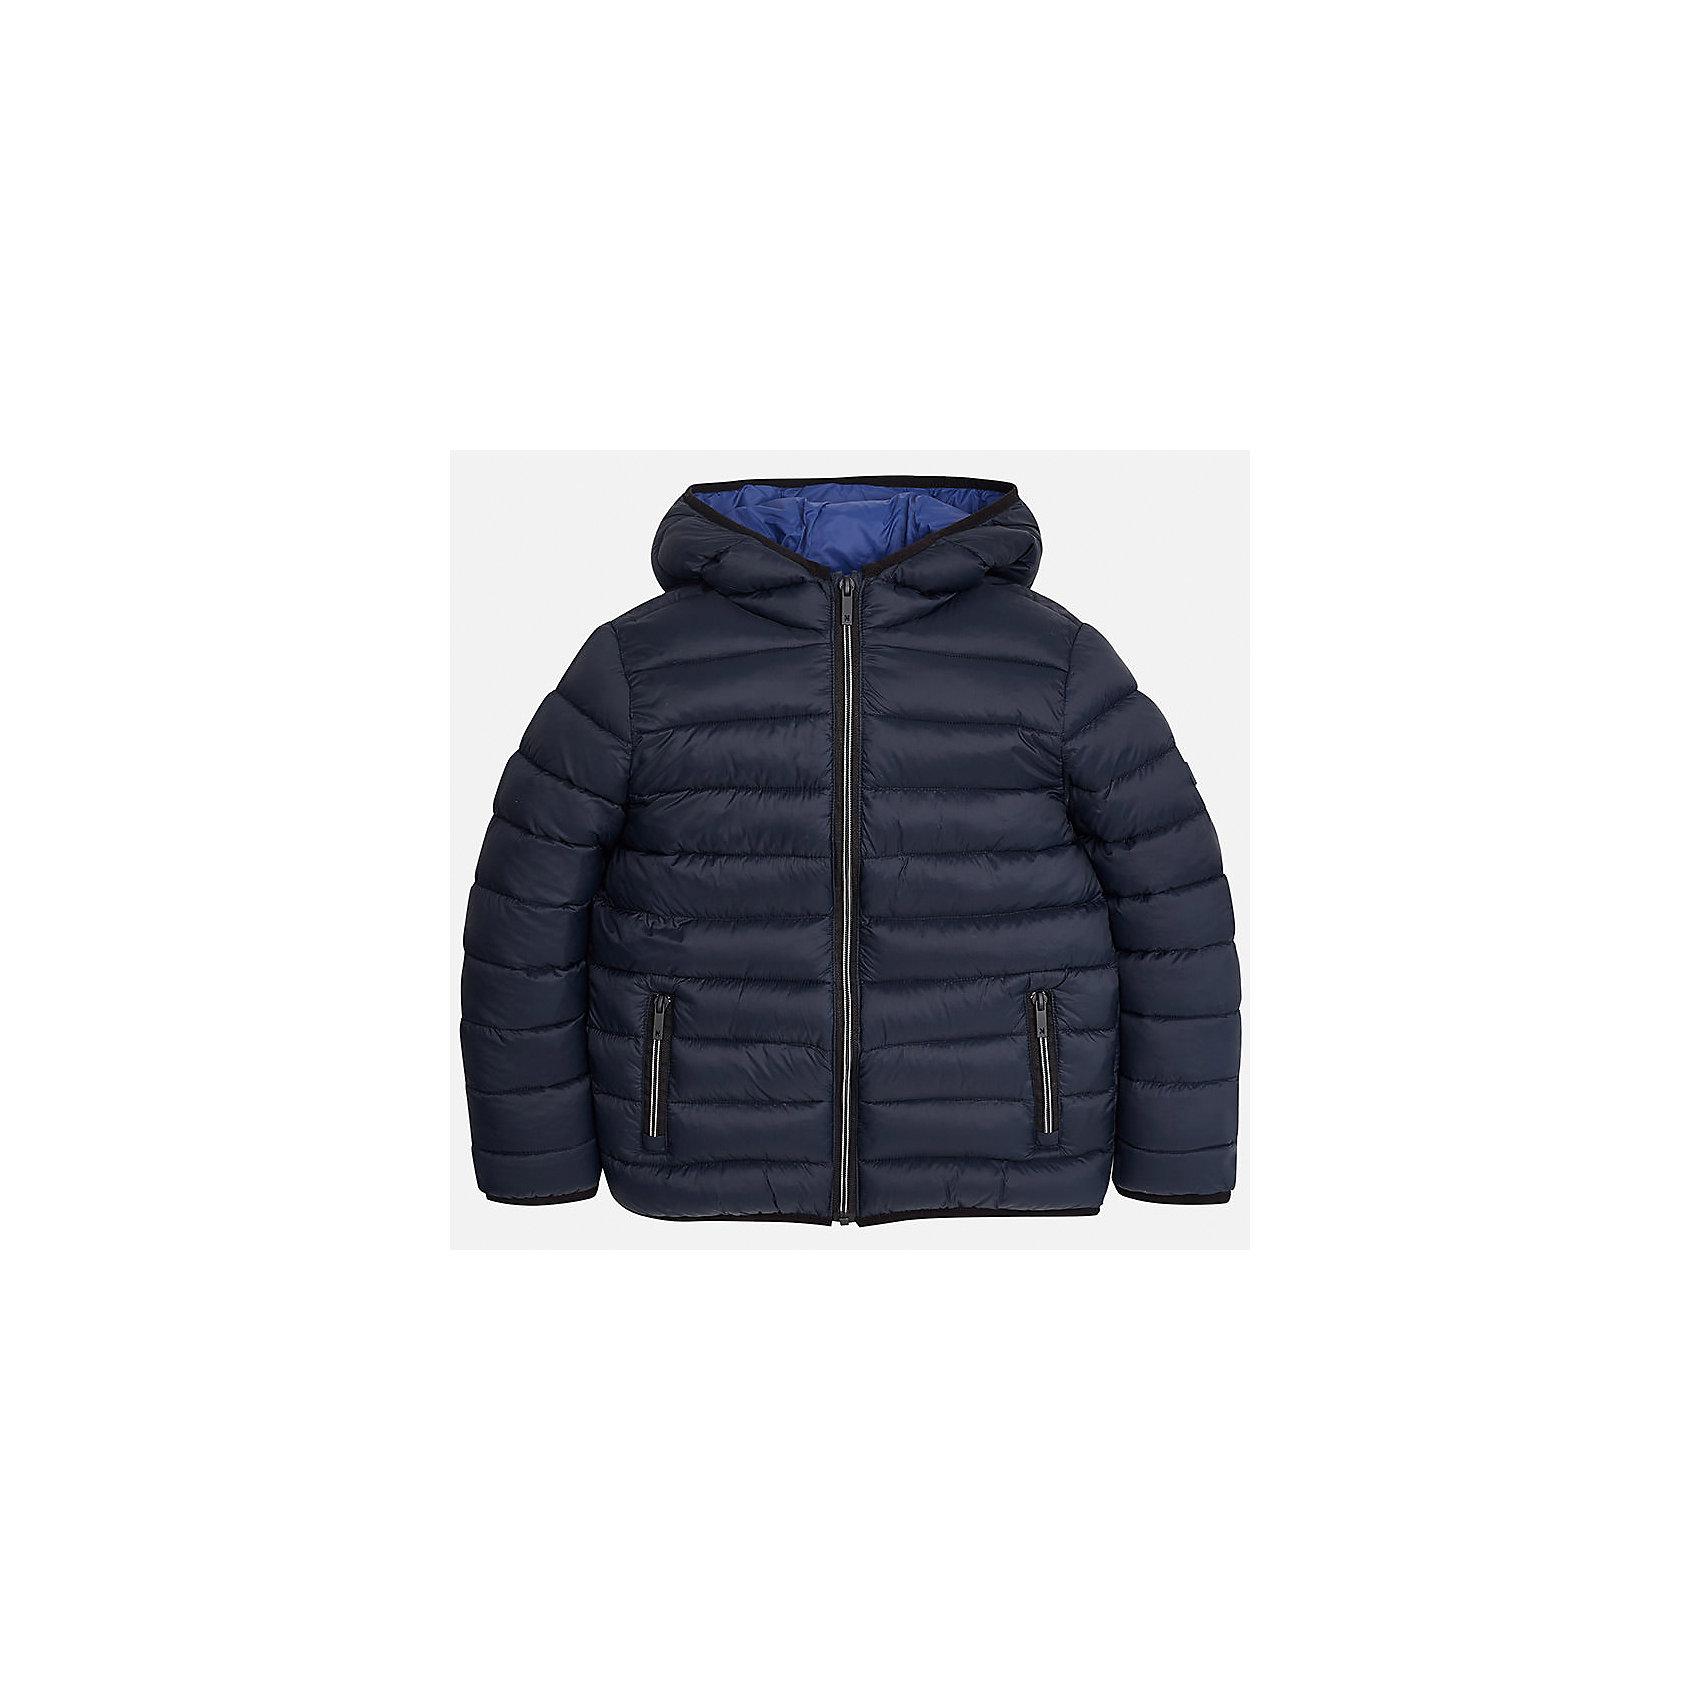 Куртка для мальчика MayoralВерхняя одежда<br>Характеристики товара:<br><br>• цвет: синий;<br>• сезон: демисезон;<br>• температурный режим: от 0 до +10С;<br>• состав ткани: 100% полиамид;<br>• состав подкладки: 100% полиамид;<br>• состав наполнителя: 100% полиэстер;<br>• стеганая;<br>• на молнии;<br>• капюшон: без меха, не отстегивается;<br>• страна бренда: Испания;<br>• страна изготовитель: Бангладеш.<br><br>Демисезонная куртка для мальчика от популярного бренда Mayoral несомненно понравится вам и вашему ребенку. Качественные ткани, безупречное исполнение, все модели в центре модных тенденций. Внешняя ткань и подкладка плащевая, обуспечивают хорошую защиту от ветра и непогоды, внутренний утеплитель, аккуратные швы. Рукава на внутренней манжете. Застегивается на замок-молнию, капюшон не отстегивается, боковые карманы на молнии. <br><br>Легкая и теплая куртка с капюшоном и карманами на холодную осень-весну. Грамотный крой изделия обеспечивает отличную посадку по фигуре.<br><br>Куртку  для мальчика Mayoral (Майорал) можно купить в нашем интернет-магазине.<br><br>Ширина мм: 356<br>Глубина мм: 10<br>Высота мм: 245<br>Вес г: 519<br>Цвет: серый<br>Возраст от месяцев: 168<br>Возраст до месяцев: 180<br>Пол: Мужской<br>Возраст: Детский<br>Размер: 170,128/134,140,152,158,164<br>SKU: 6938831